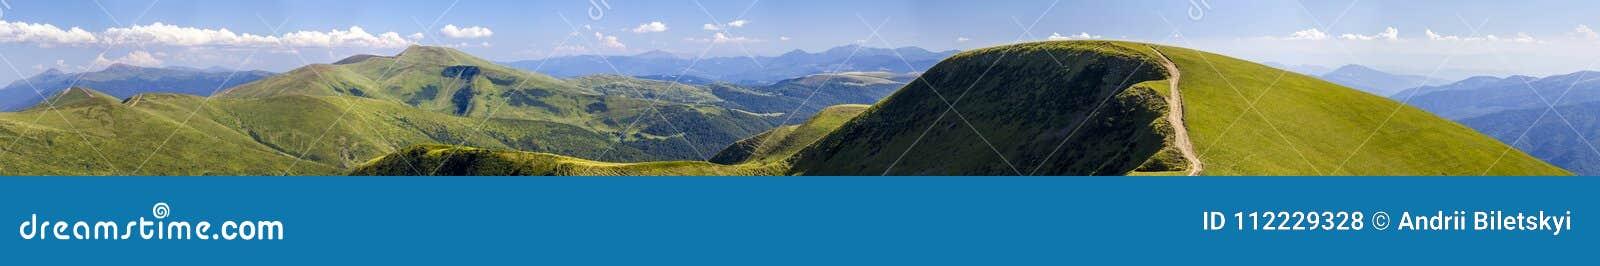 Panorama zieleni wzgórza w lato górach z żwir drogą dla